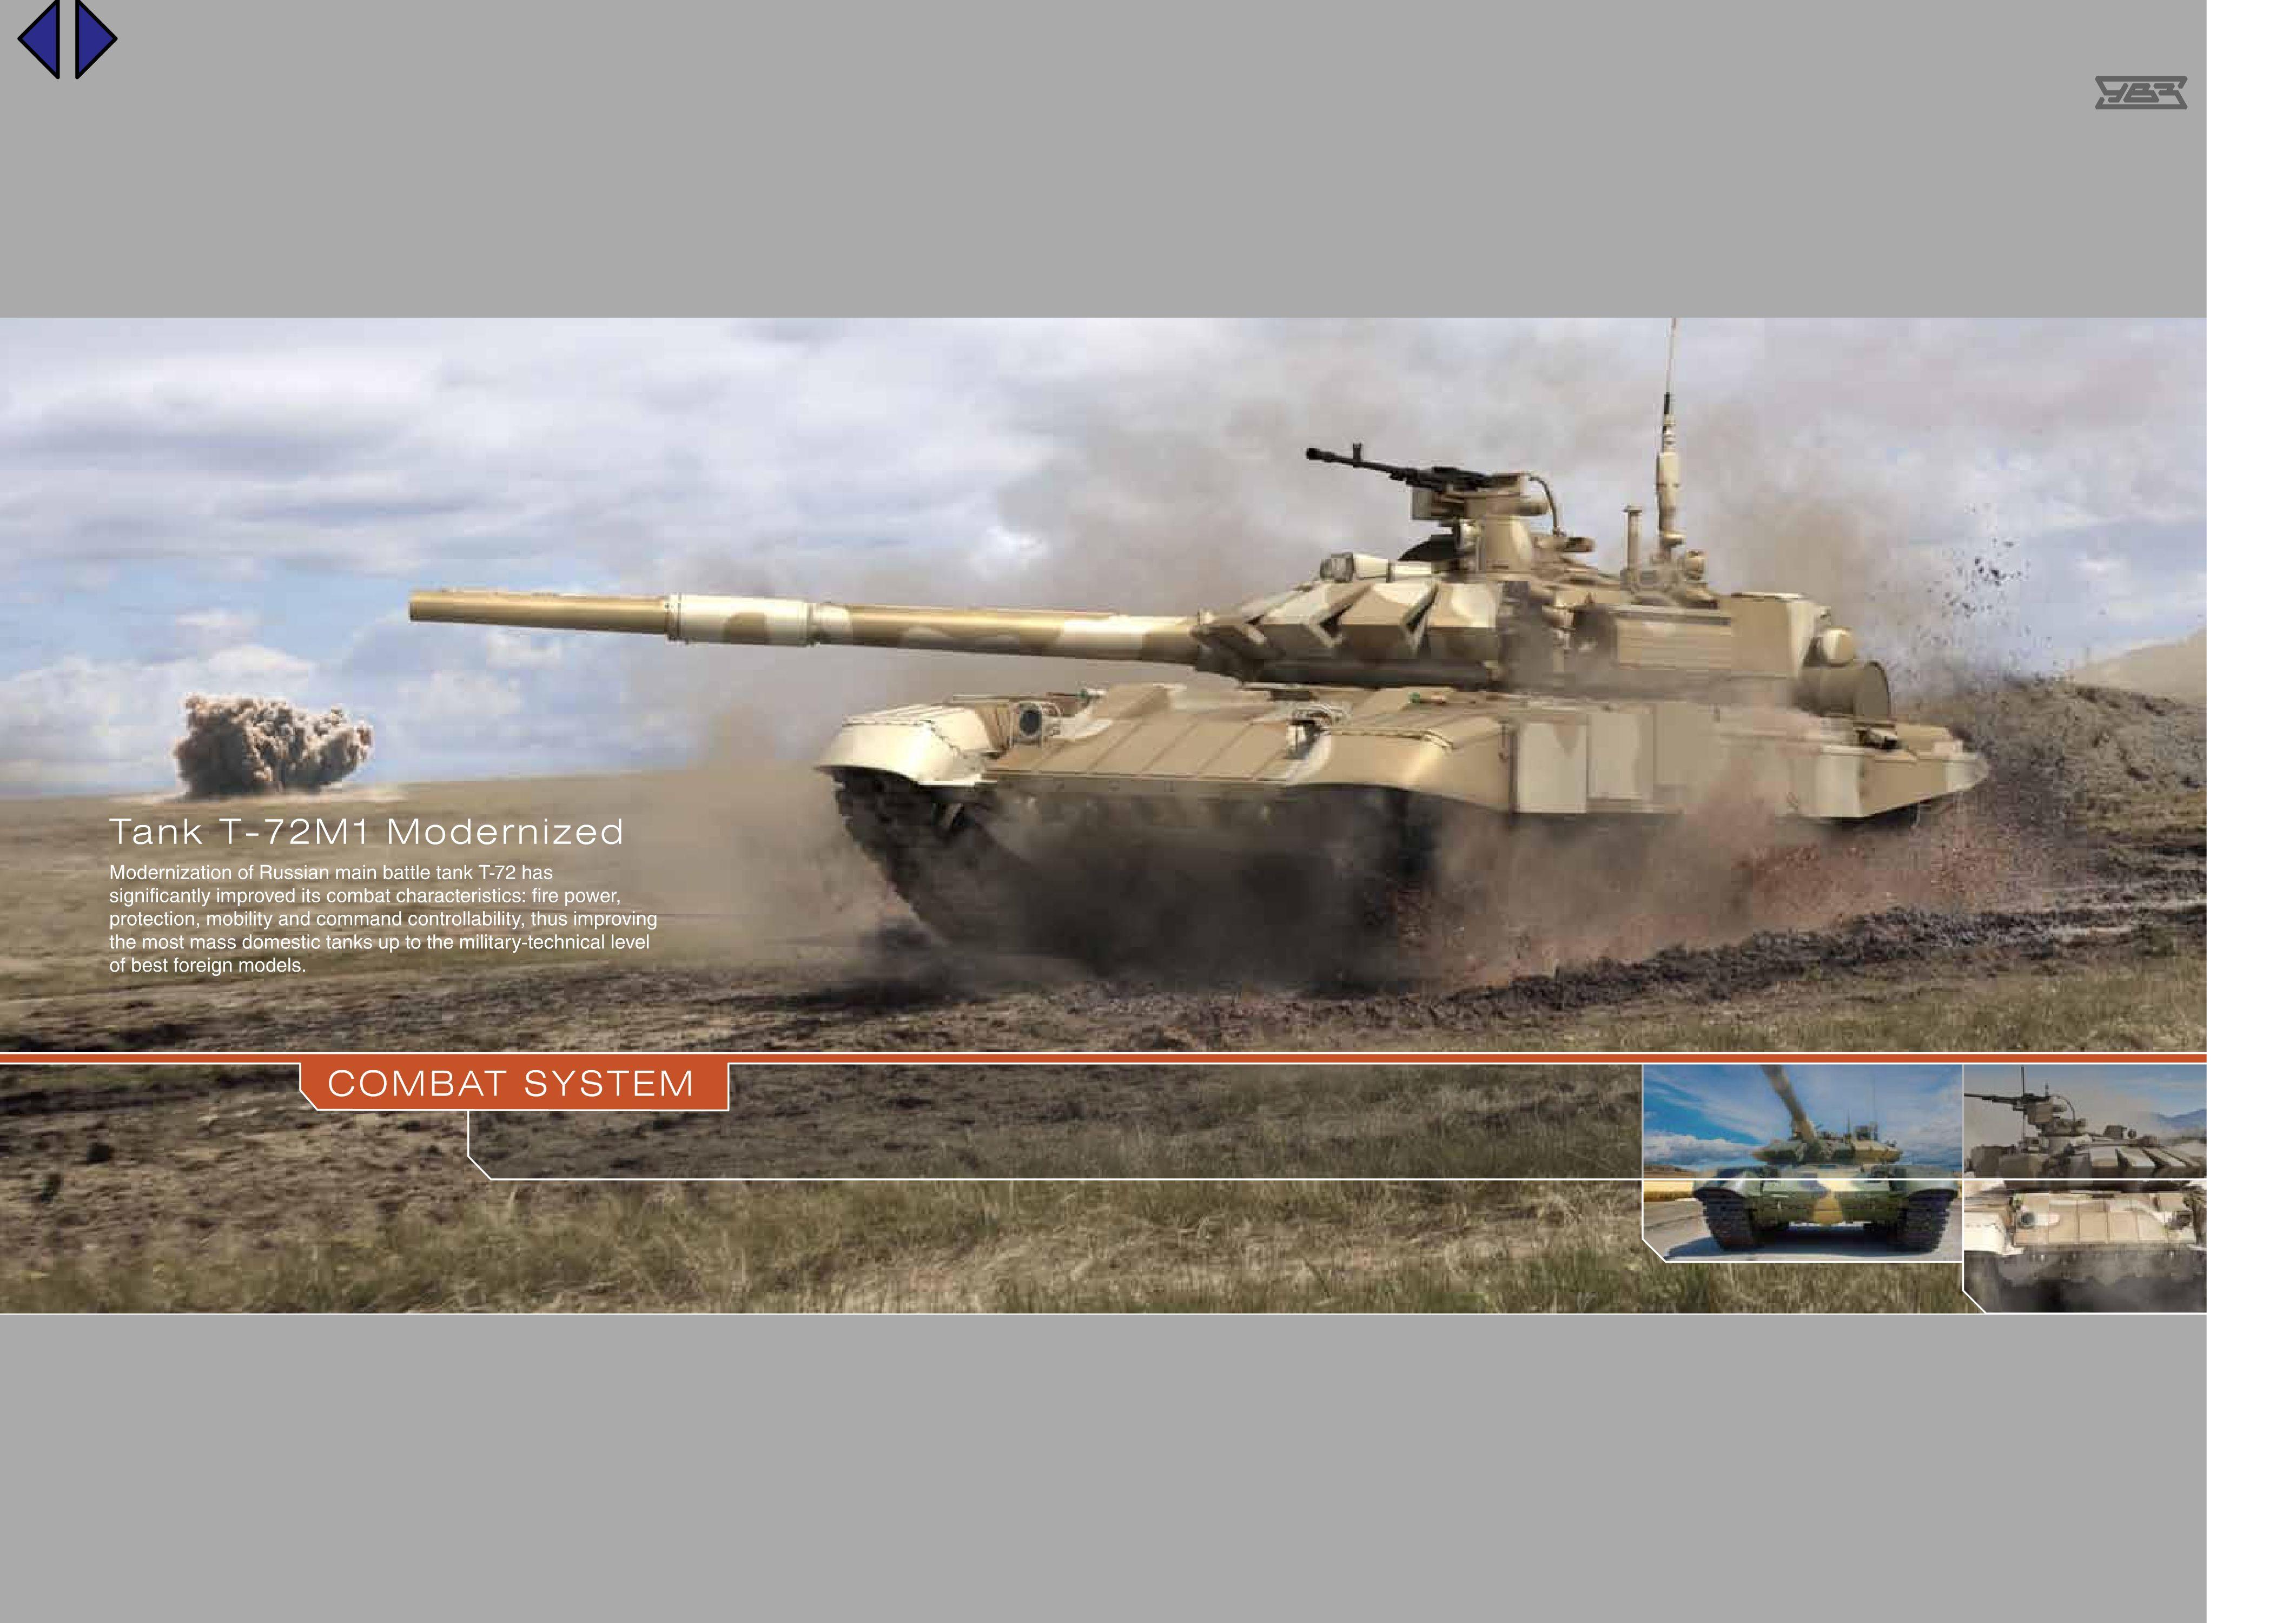 التطوير T-72M1 للجزائر يتفوق على نظيره المقدم للجيش الروسي  702958482